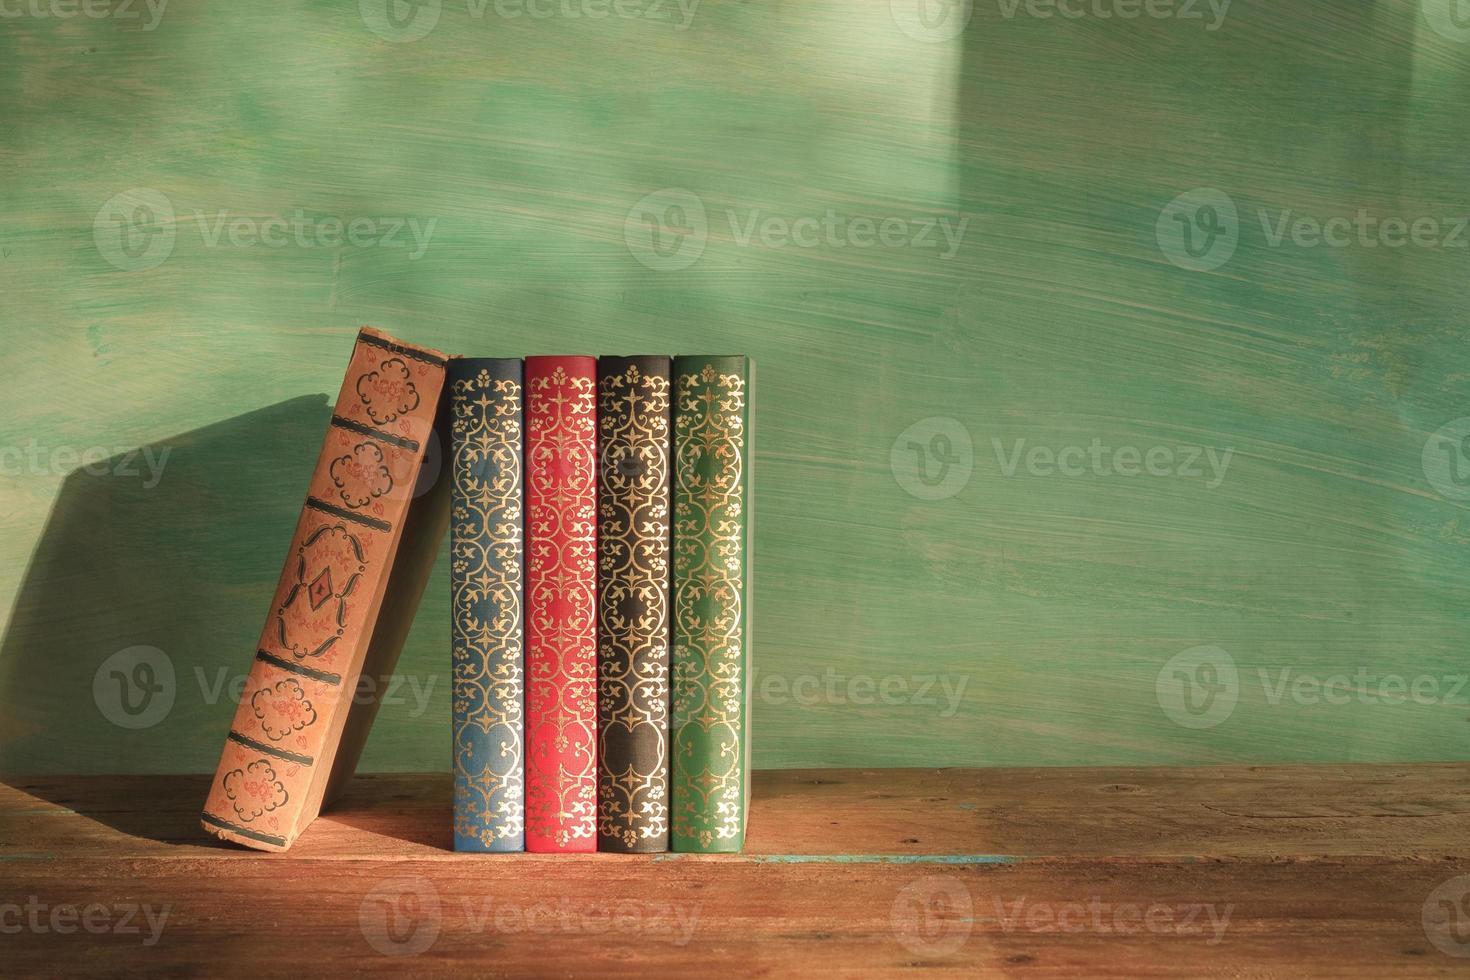 rangée de livres, espace de copie gratuit photo